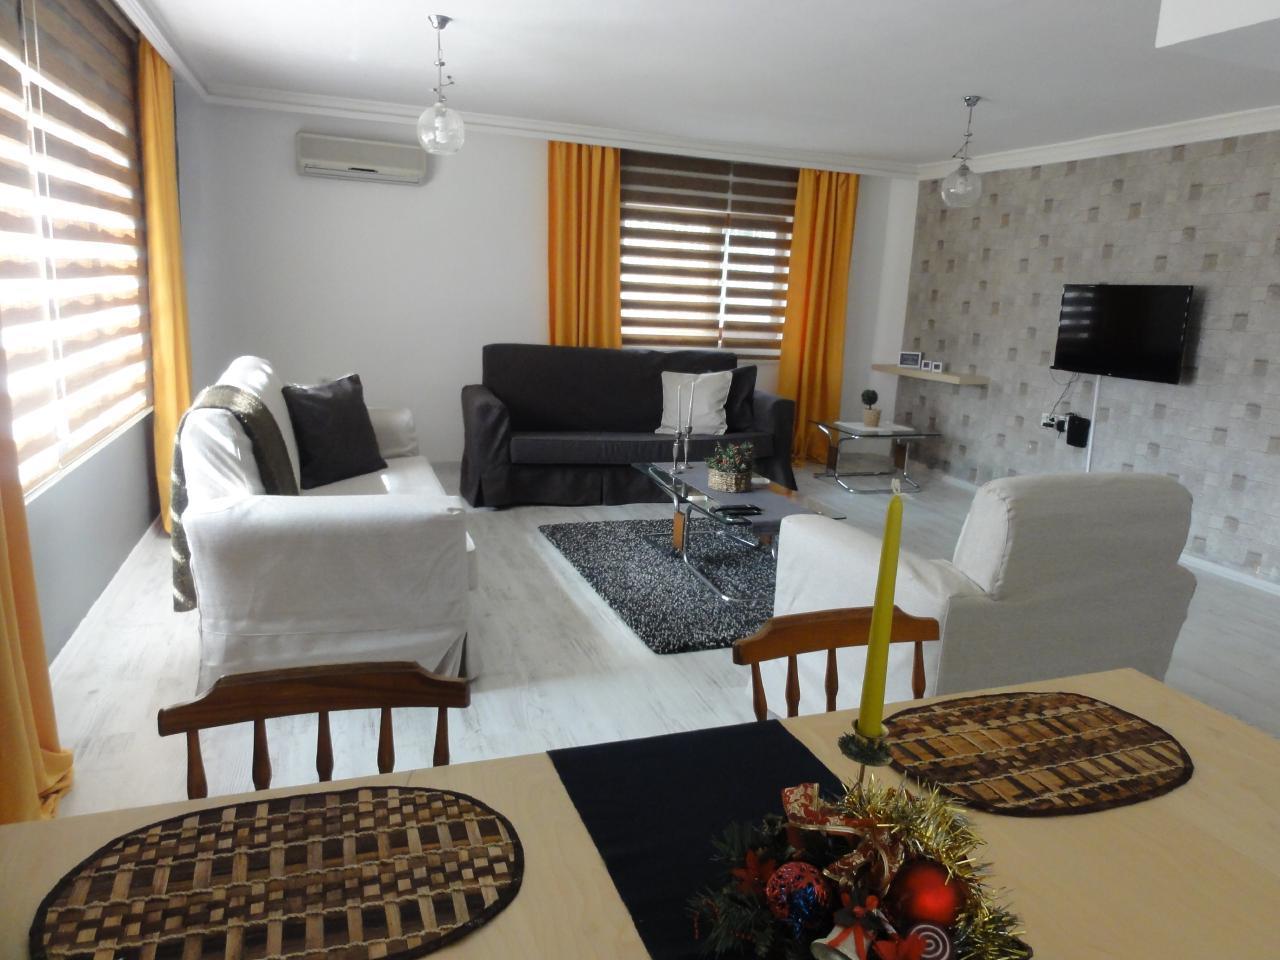 Ferienwohnung Evodak Apartment D 2 (1710501), Balgat, , Zentralanatolien, Türkei, Bild 6